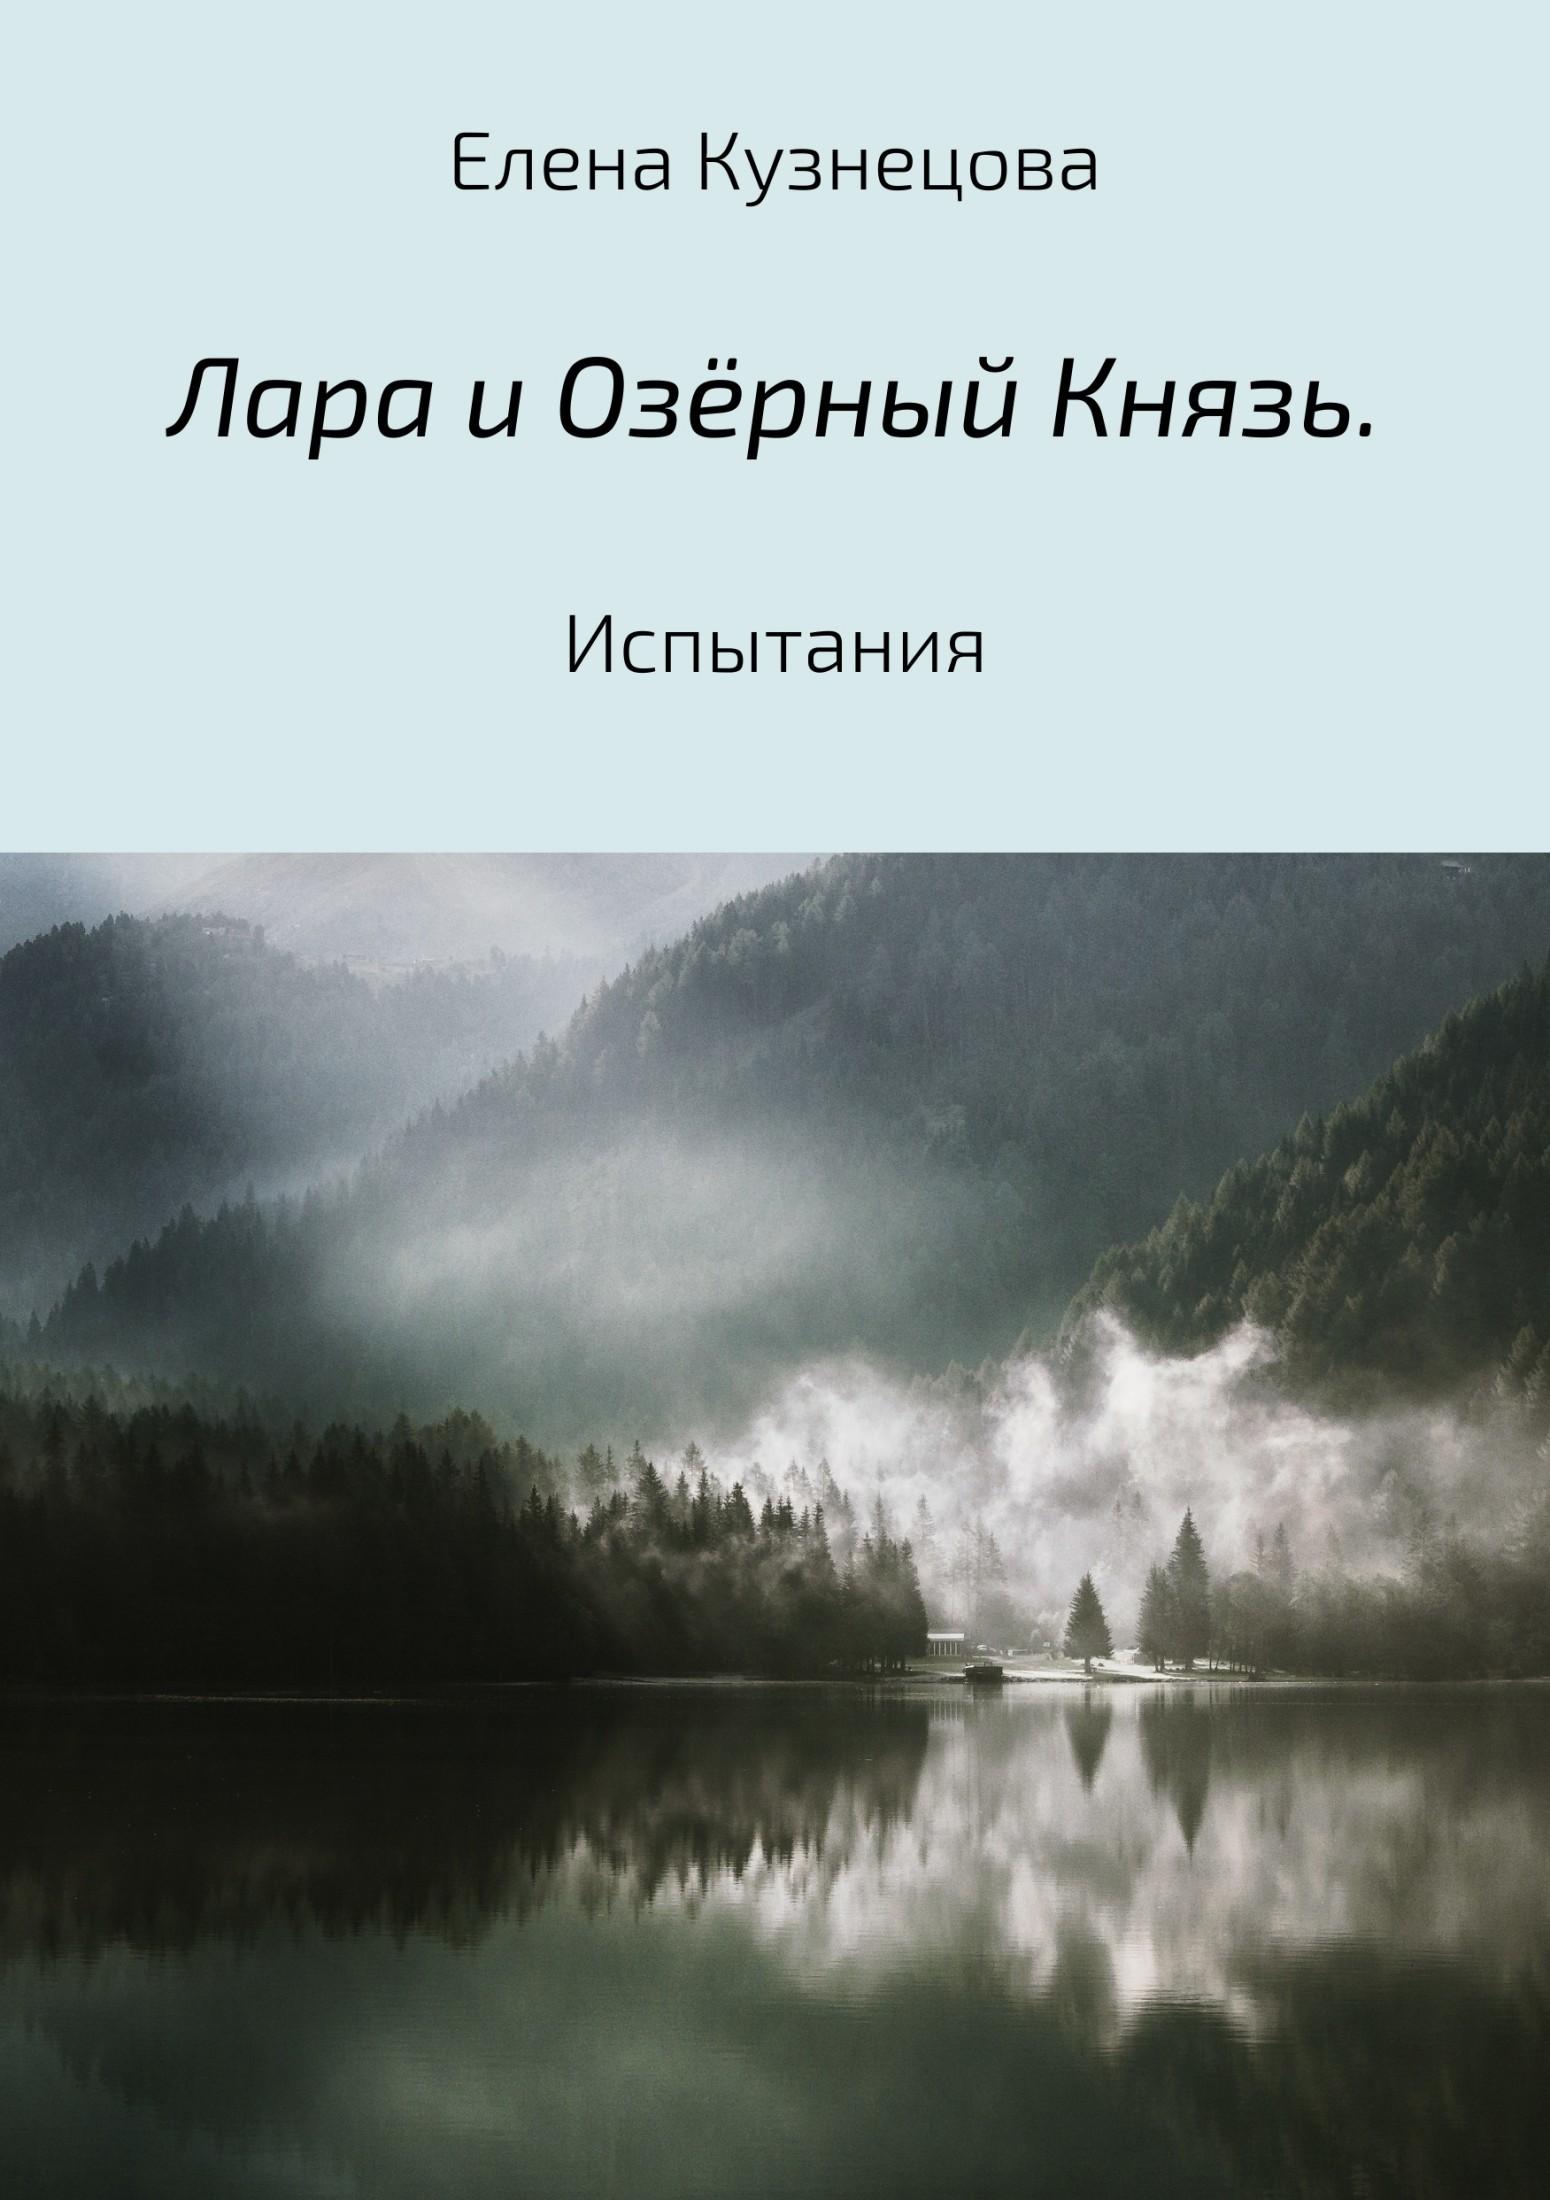 Елена Алексеевна Кузнецова. Лара и Озёрный Князь. Испытания